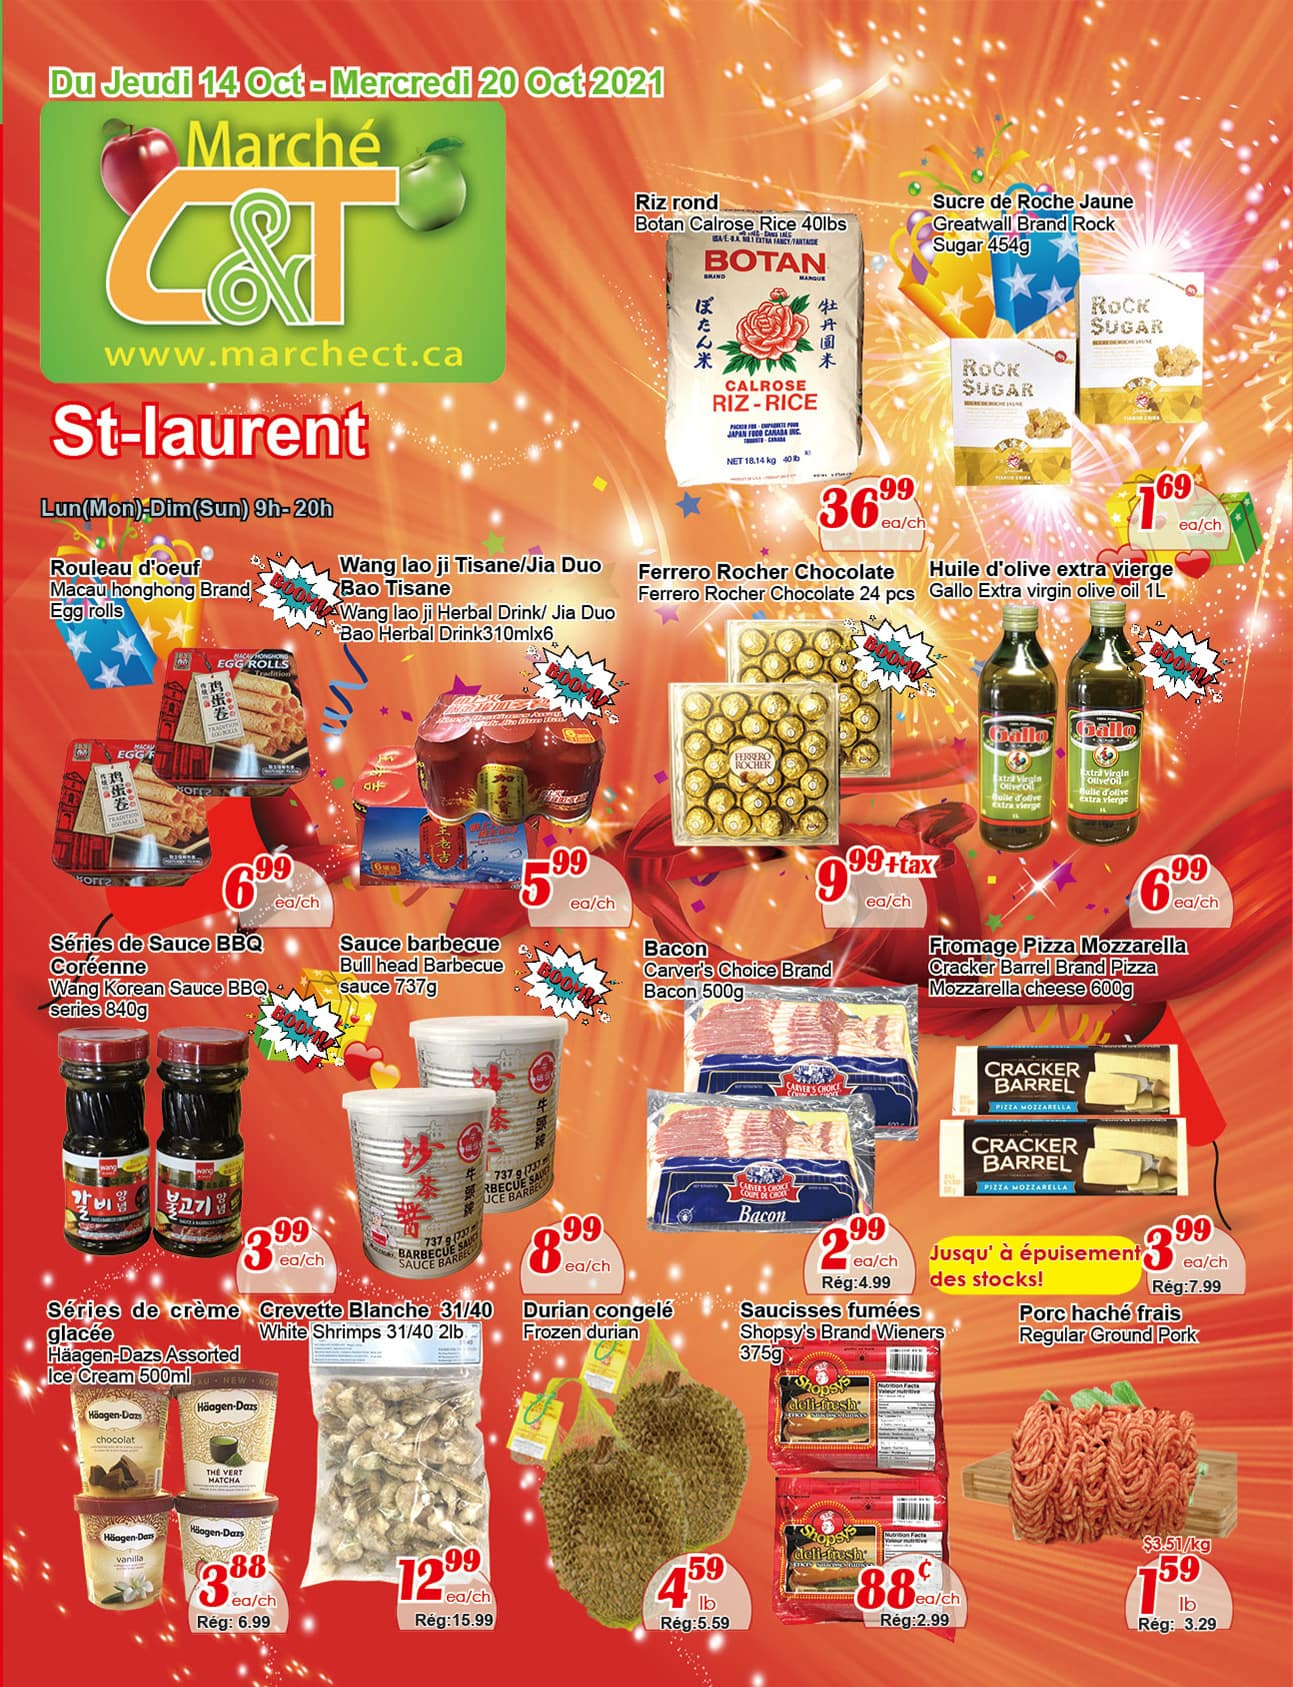 Circulaire Marché C & T St-Laurent du 14 au 20 octobre 2021 - Page 1